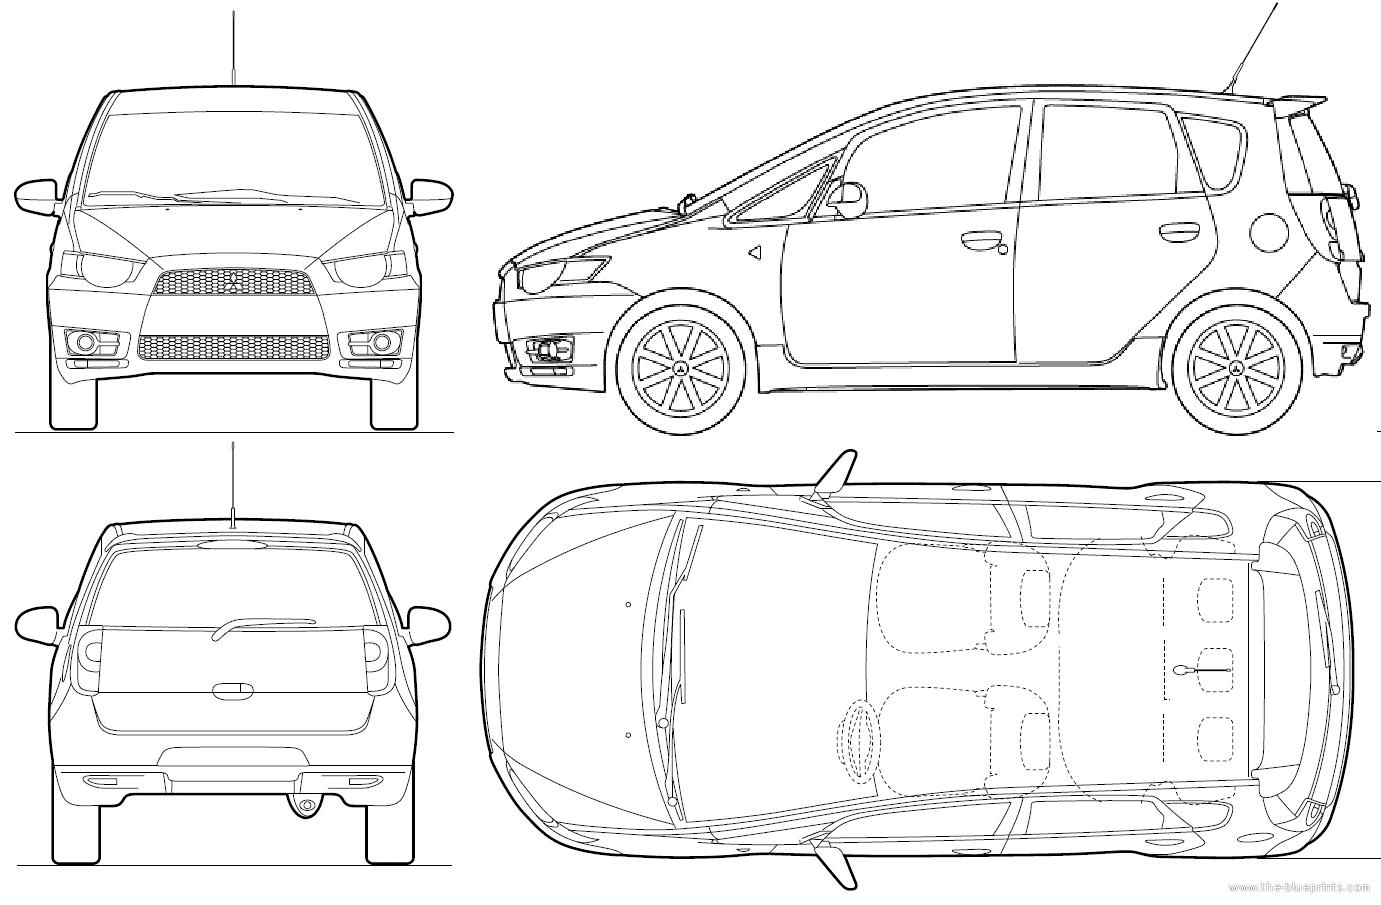 Blueprints > Cars > Mitsubishi > Mitsubishi Colt 5-Door (2010)